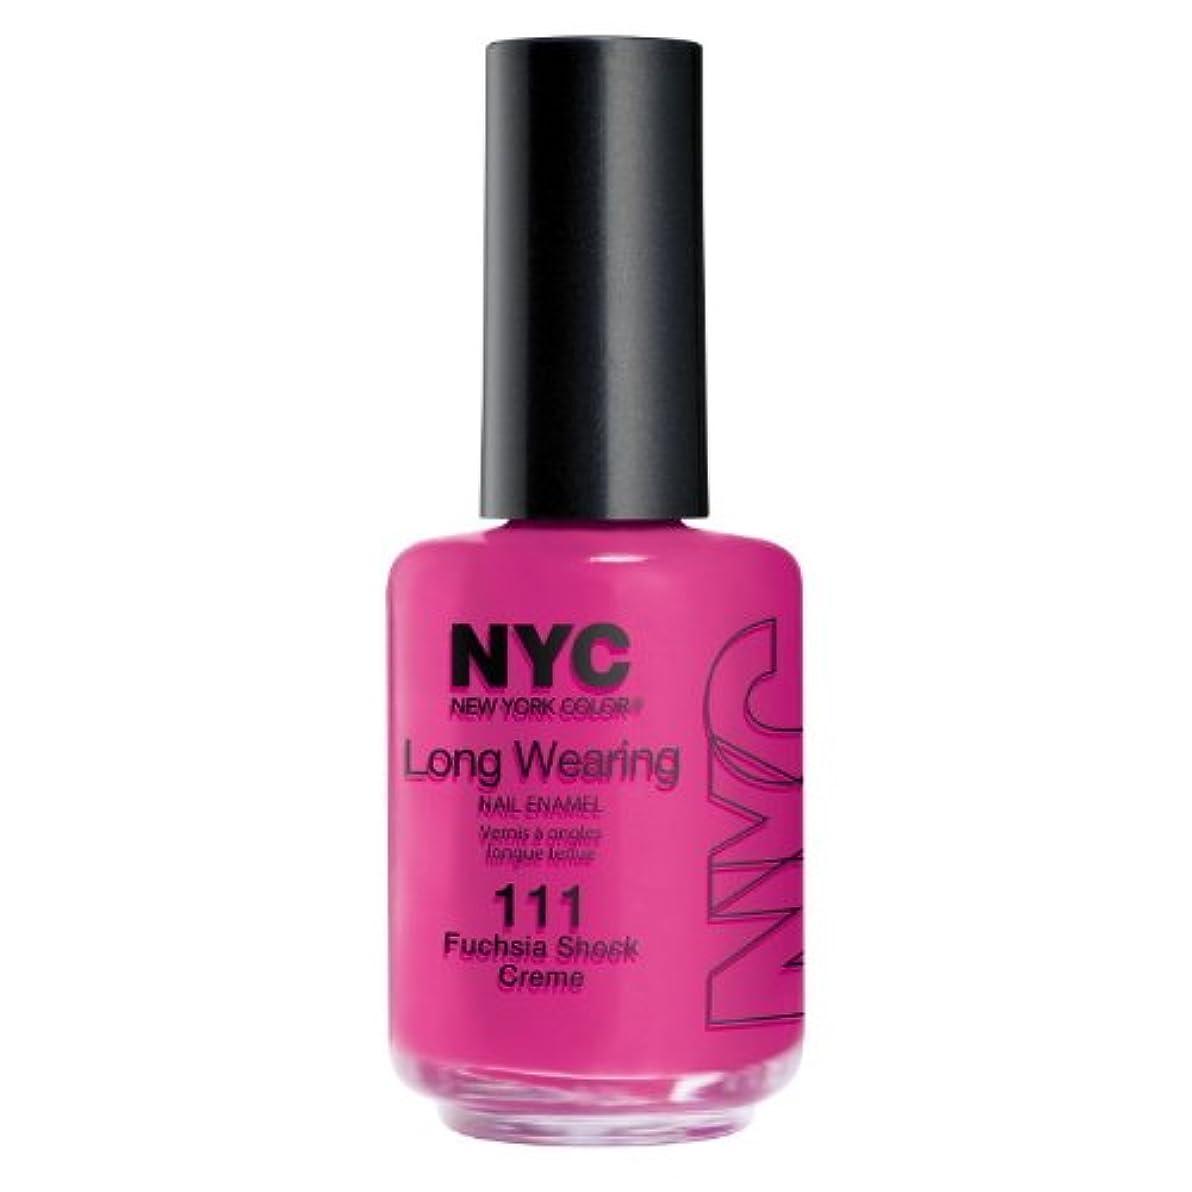 コーデリアプレビスサイト第五NYC Long Wearing Nail Enamel - Fuchisia Shock Creme (並行輸入品)